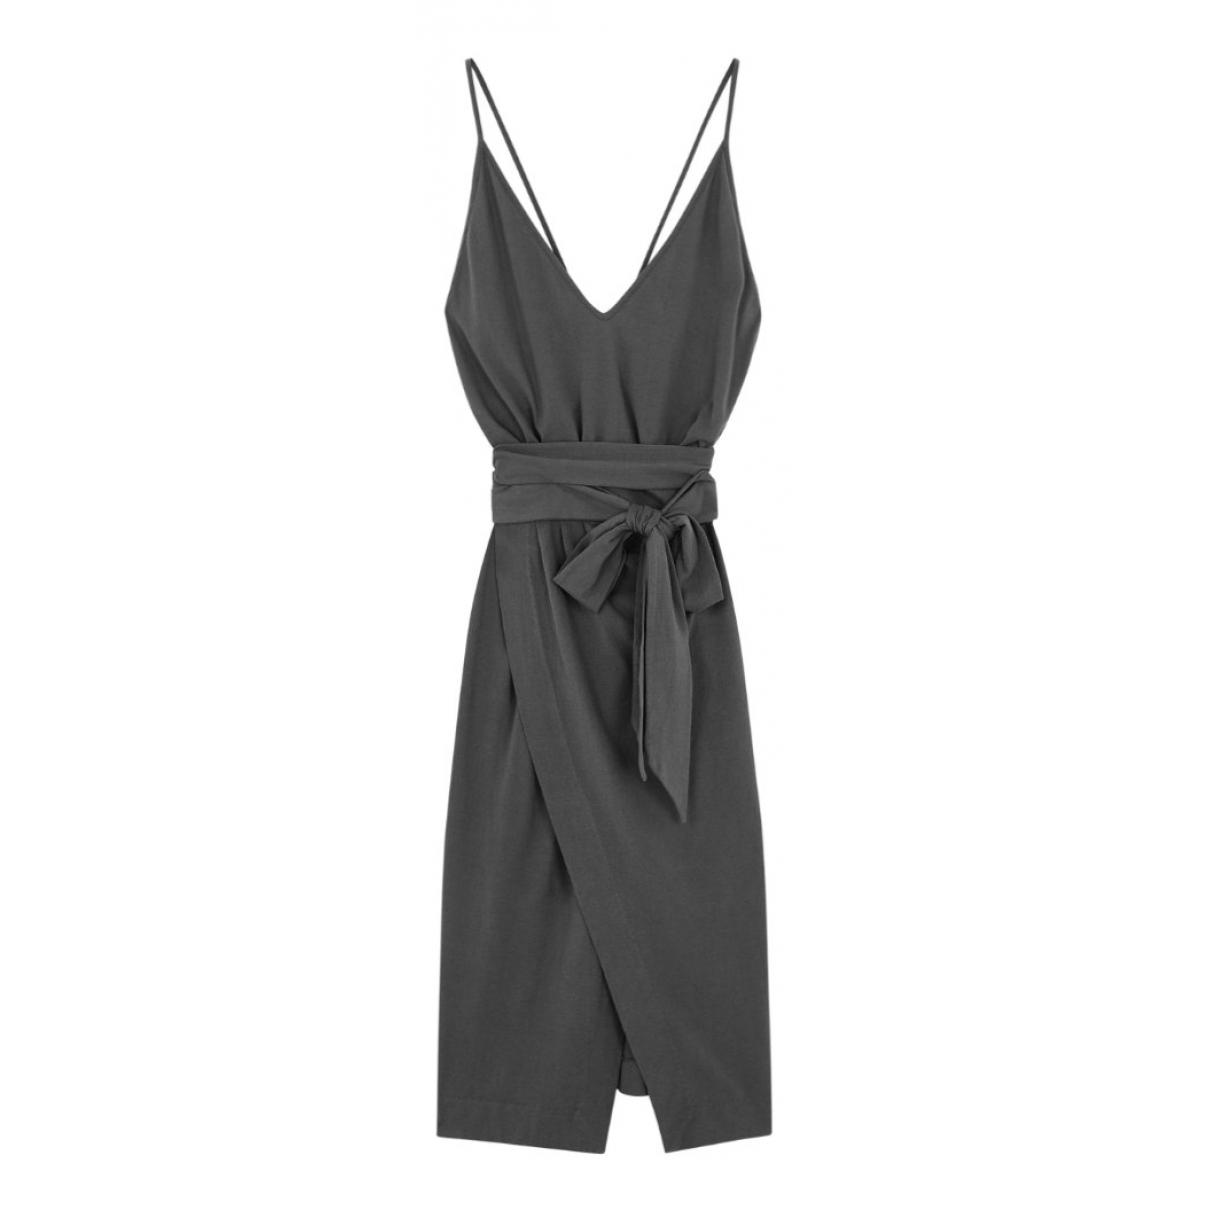 Ba&sh - Robe Spring Summer 2019 pour femme en coton - elasthane - anthracite